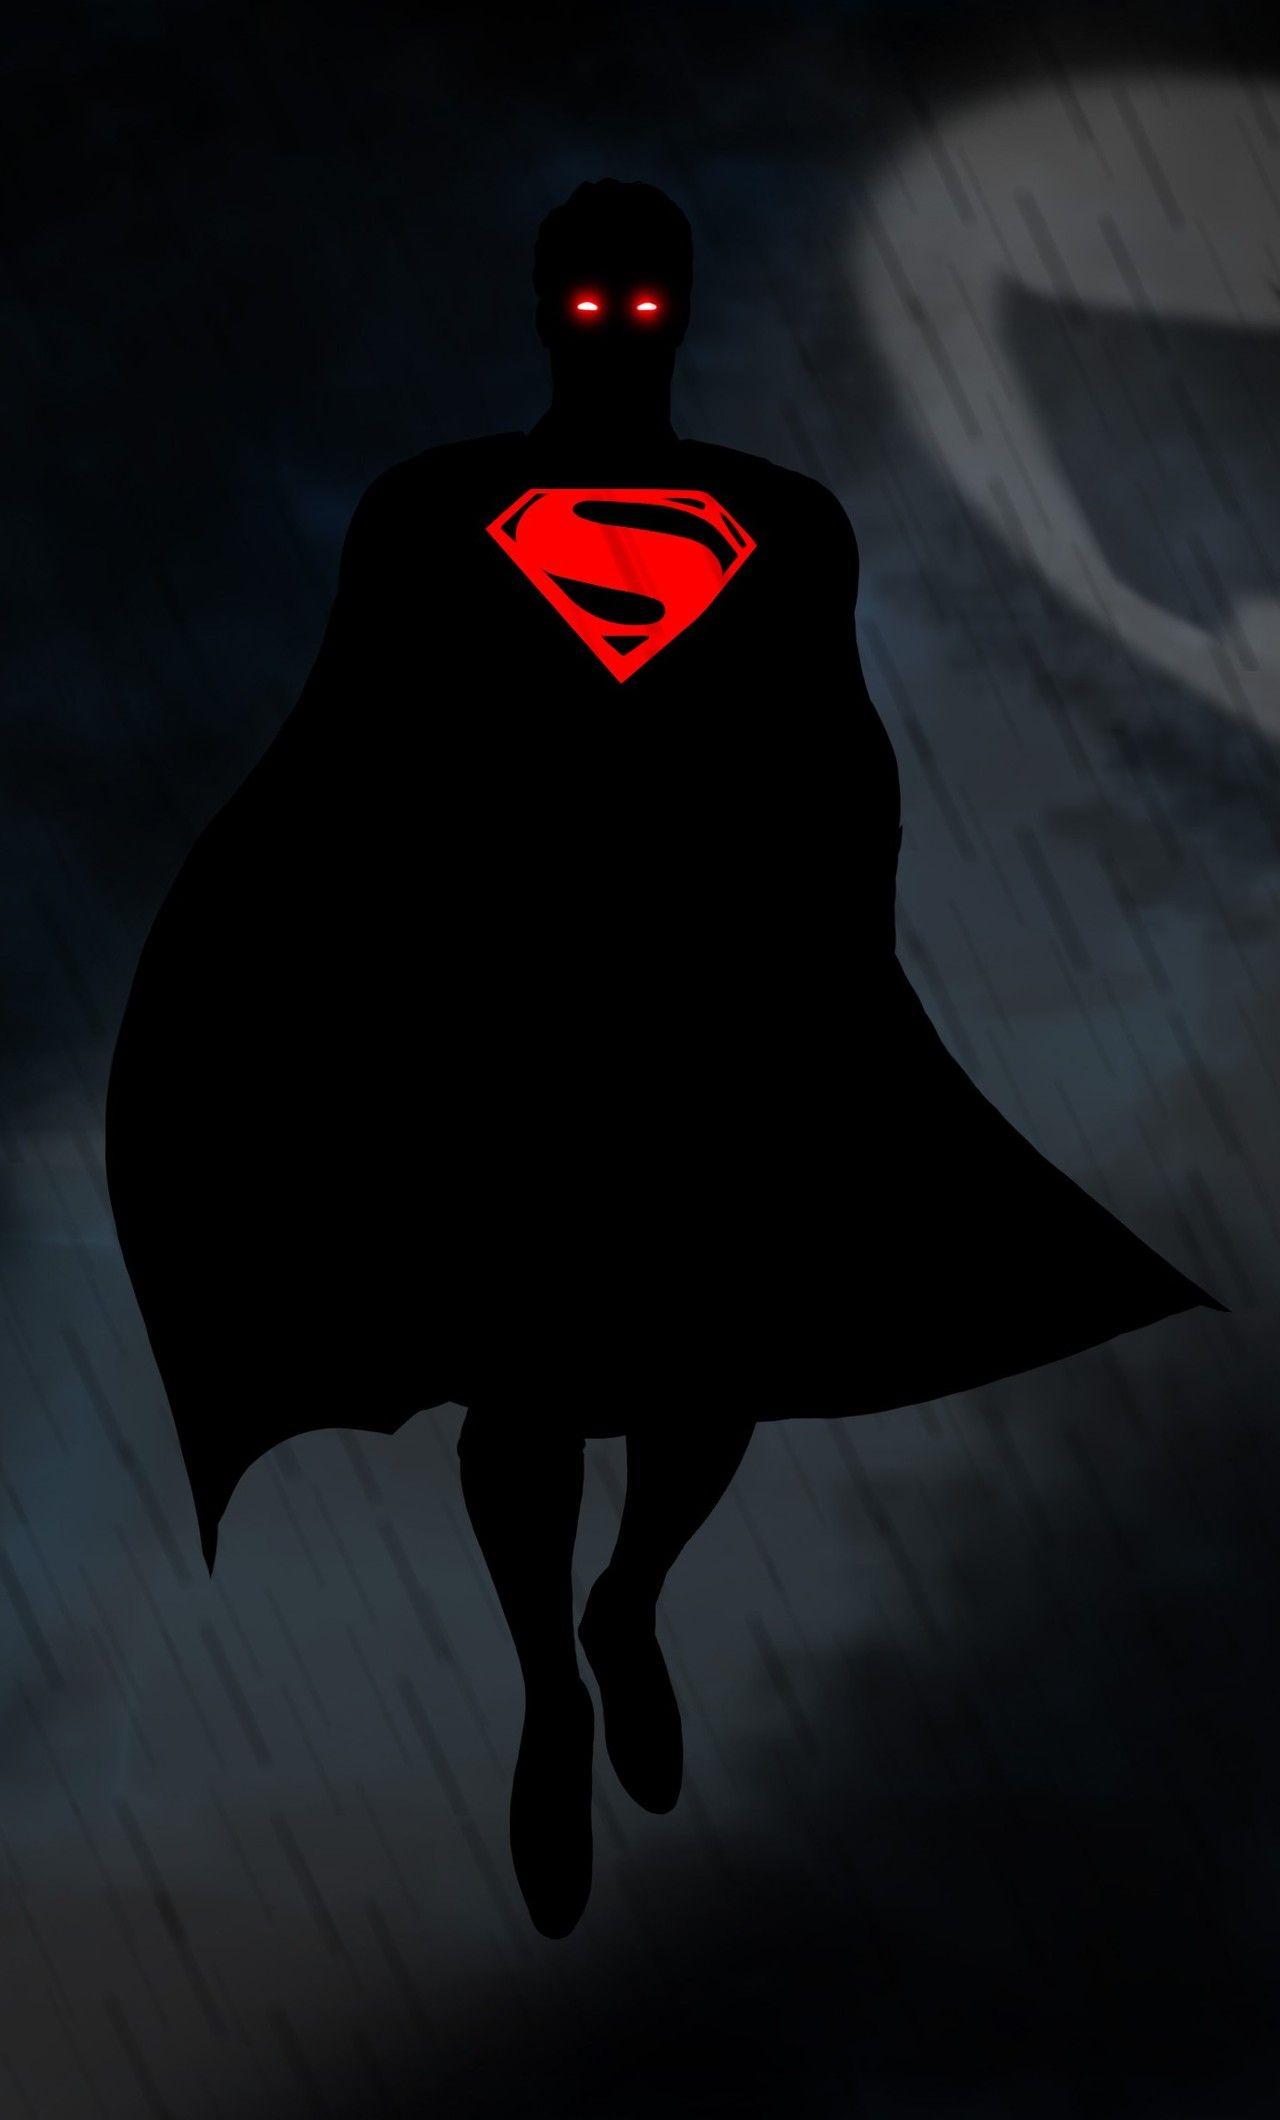 Bat Signal Wallpaper 57 Images Superman Wallpaper Superman Artwork Superman Wallpaper Logo